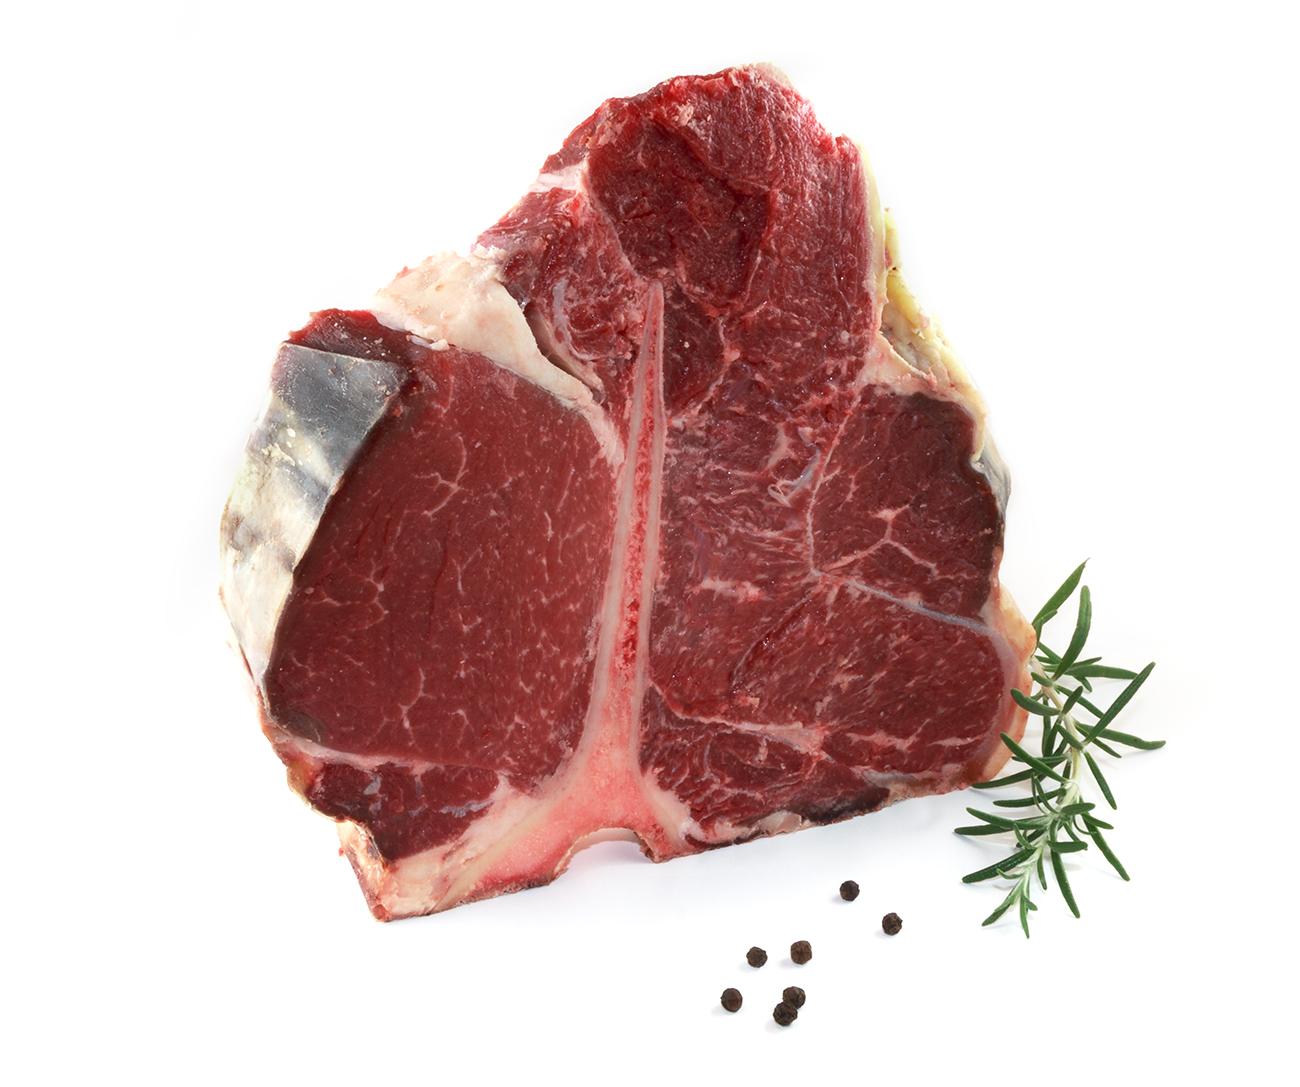 dry aged porterhouse steak jetzt online kaufen in unserem fleischerei shop fleischerei burk. Black Bedroom Furniture Sets. Home Design Ideas